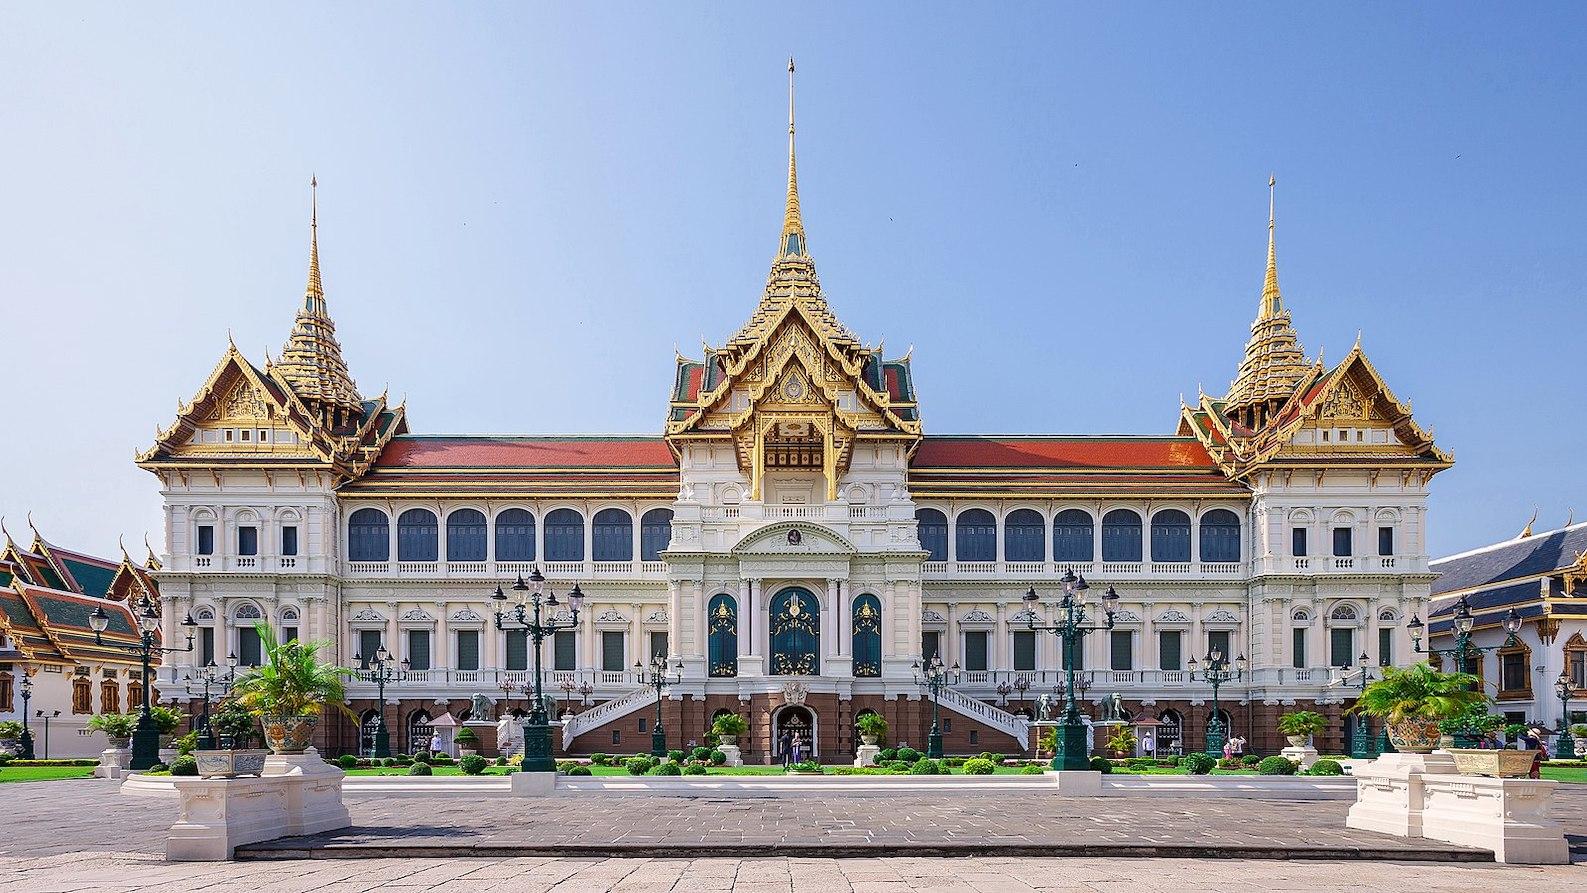 Phra Thinang Chakri Maha Prasat Grand Palace Bangkok.